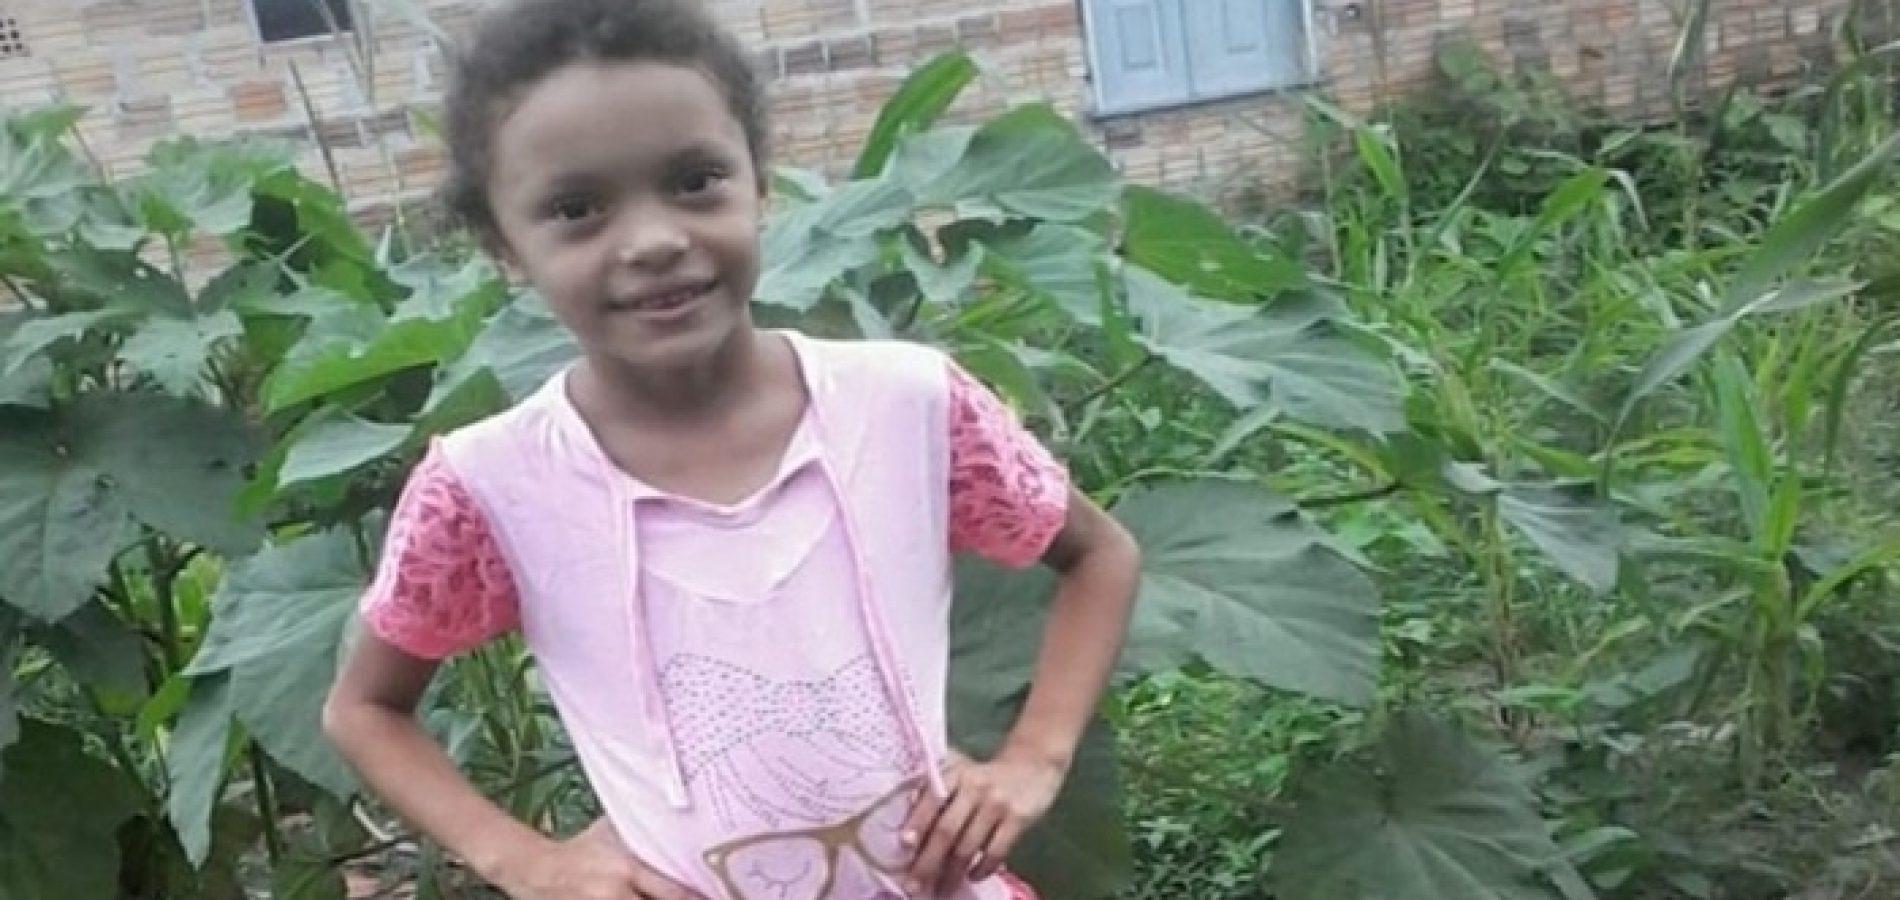 Menina de 9 anos morre após ser atingida com tiro de espingarda na cabeça durante brincadeira